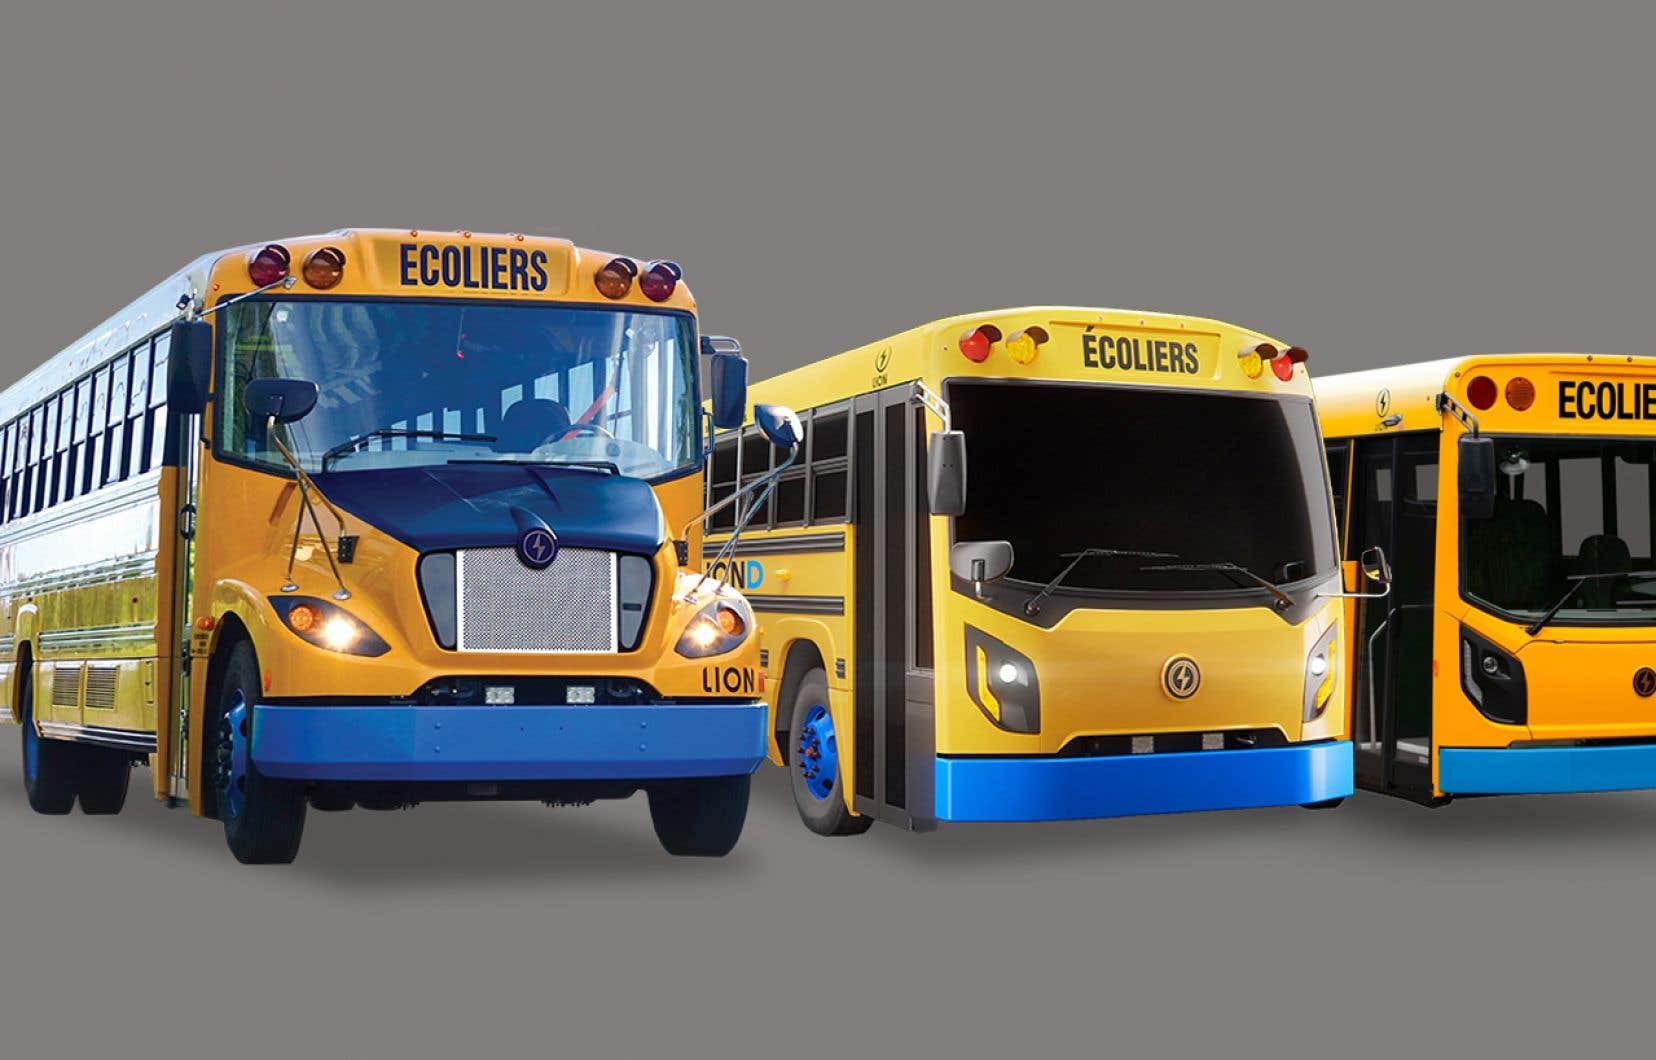 Le constructeur d'autobus et de camions électriques Compagnie électrique Lion prendra le chemin de la Bourse de New York pour financer sa croissance.